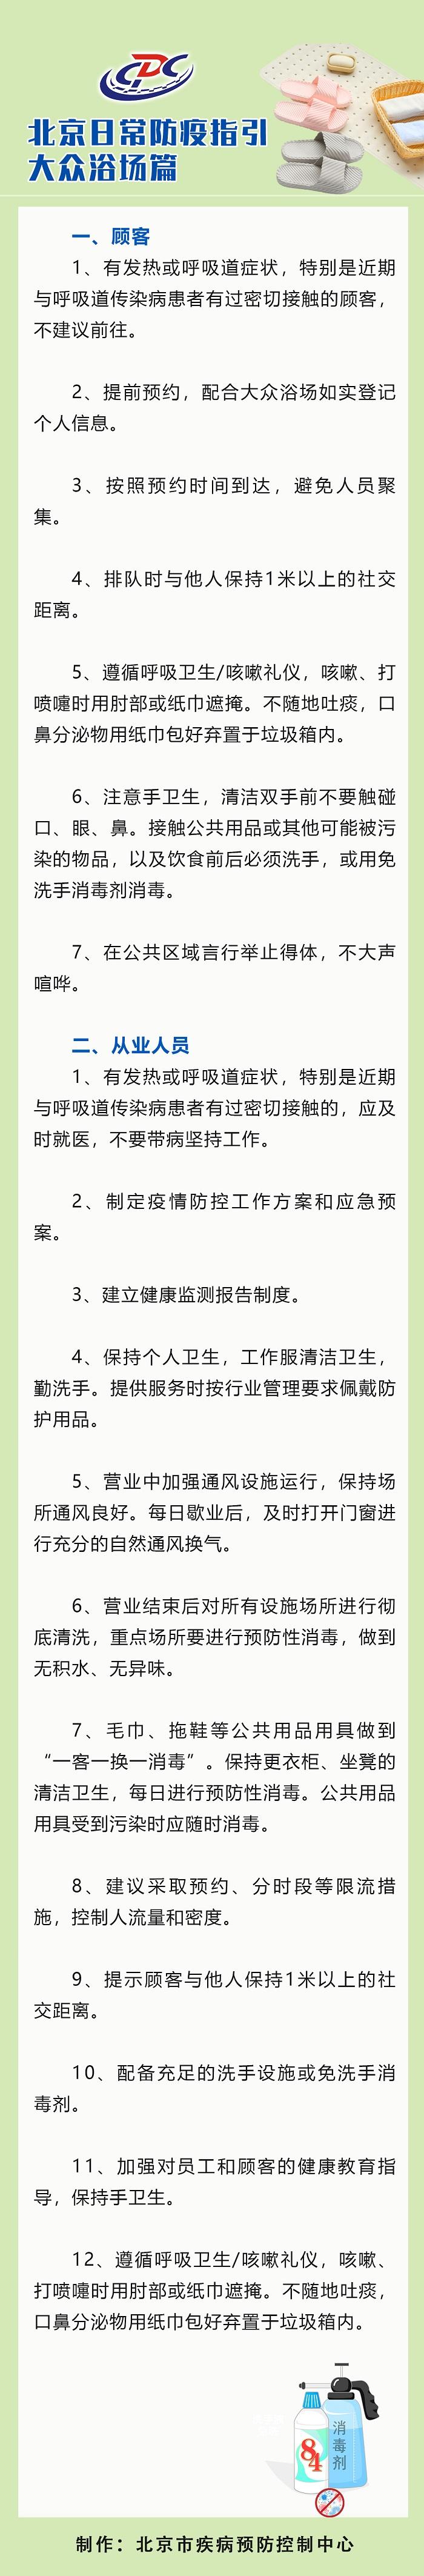 北京日常防疫指引——大众浴池篇图片